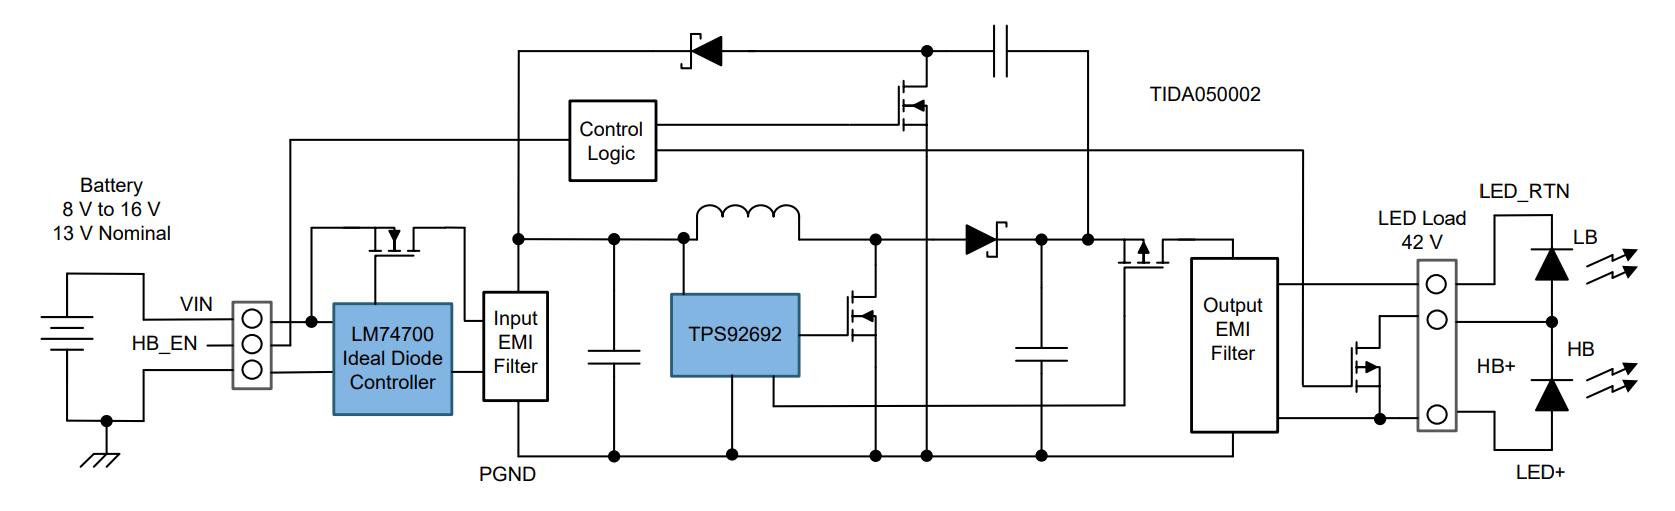 TIDA-050002 block diagram